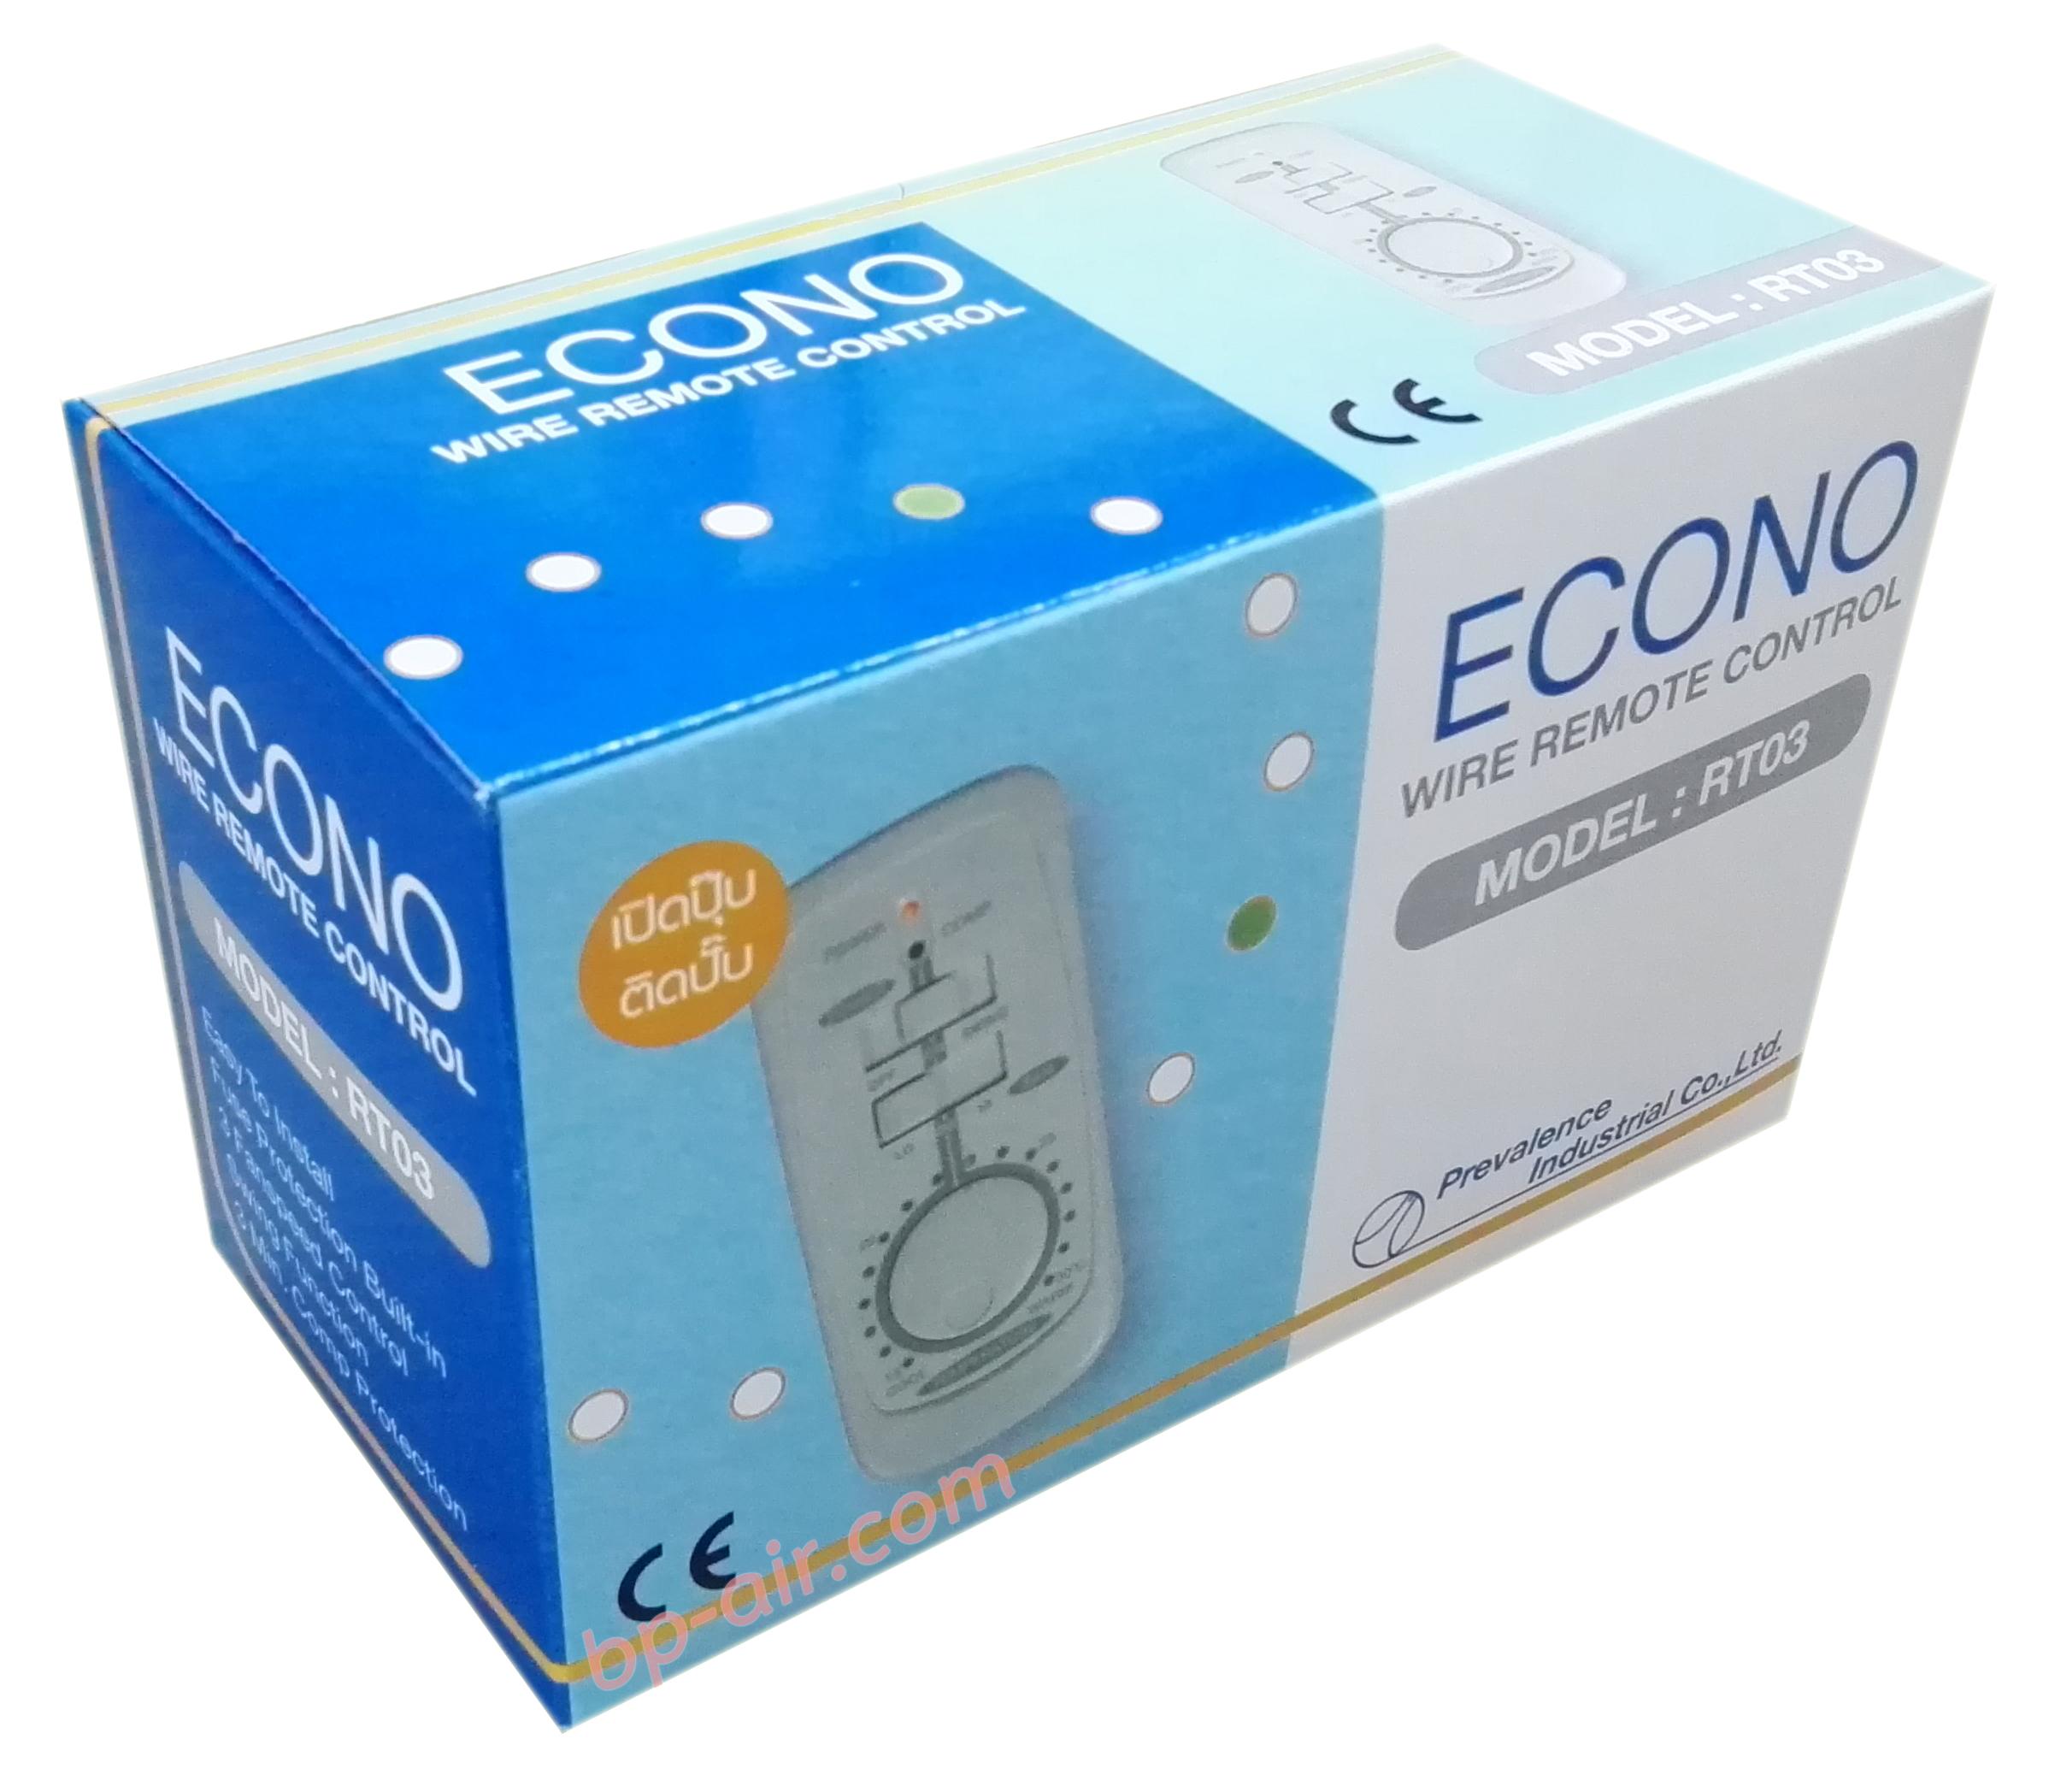 รูมเทอร์โม ECONO อีโคโน่ พร้อมสาย